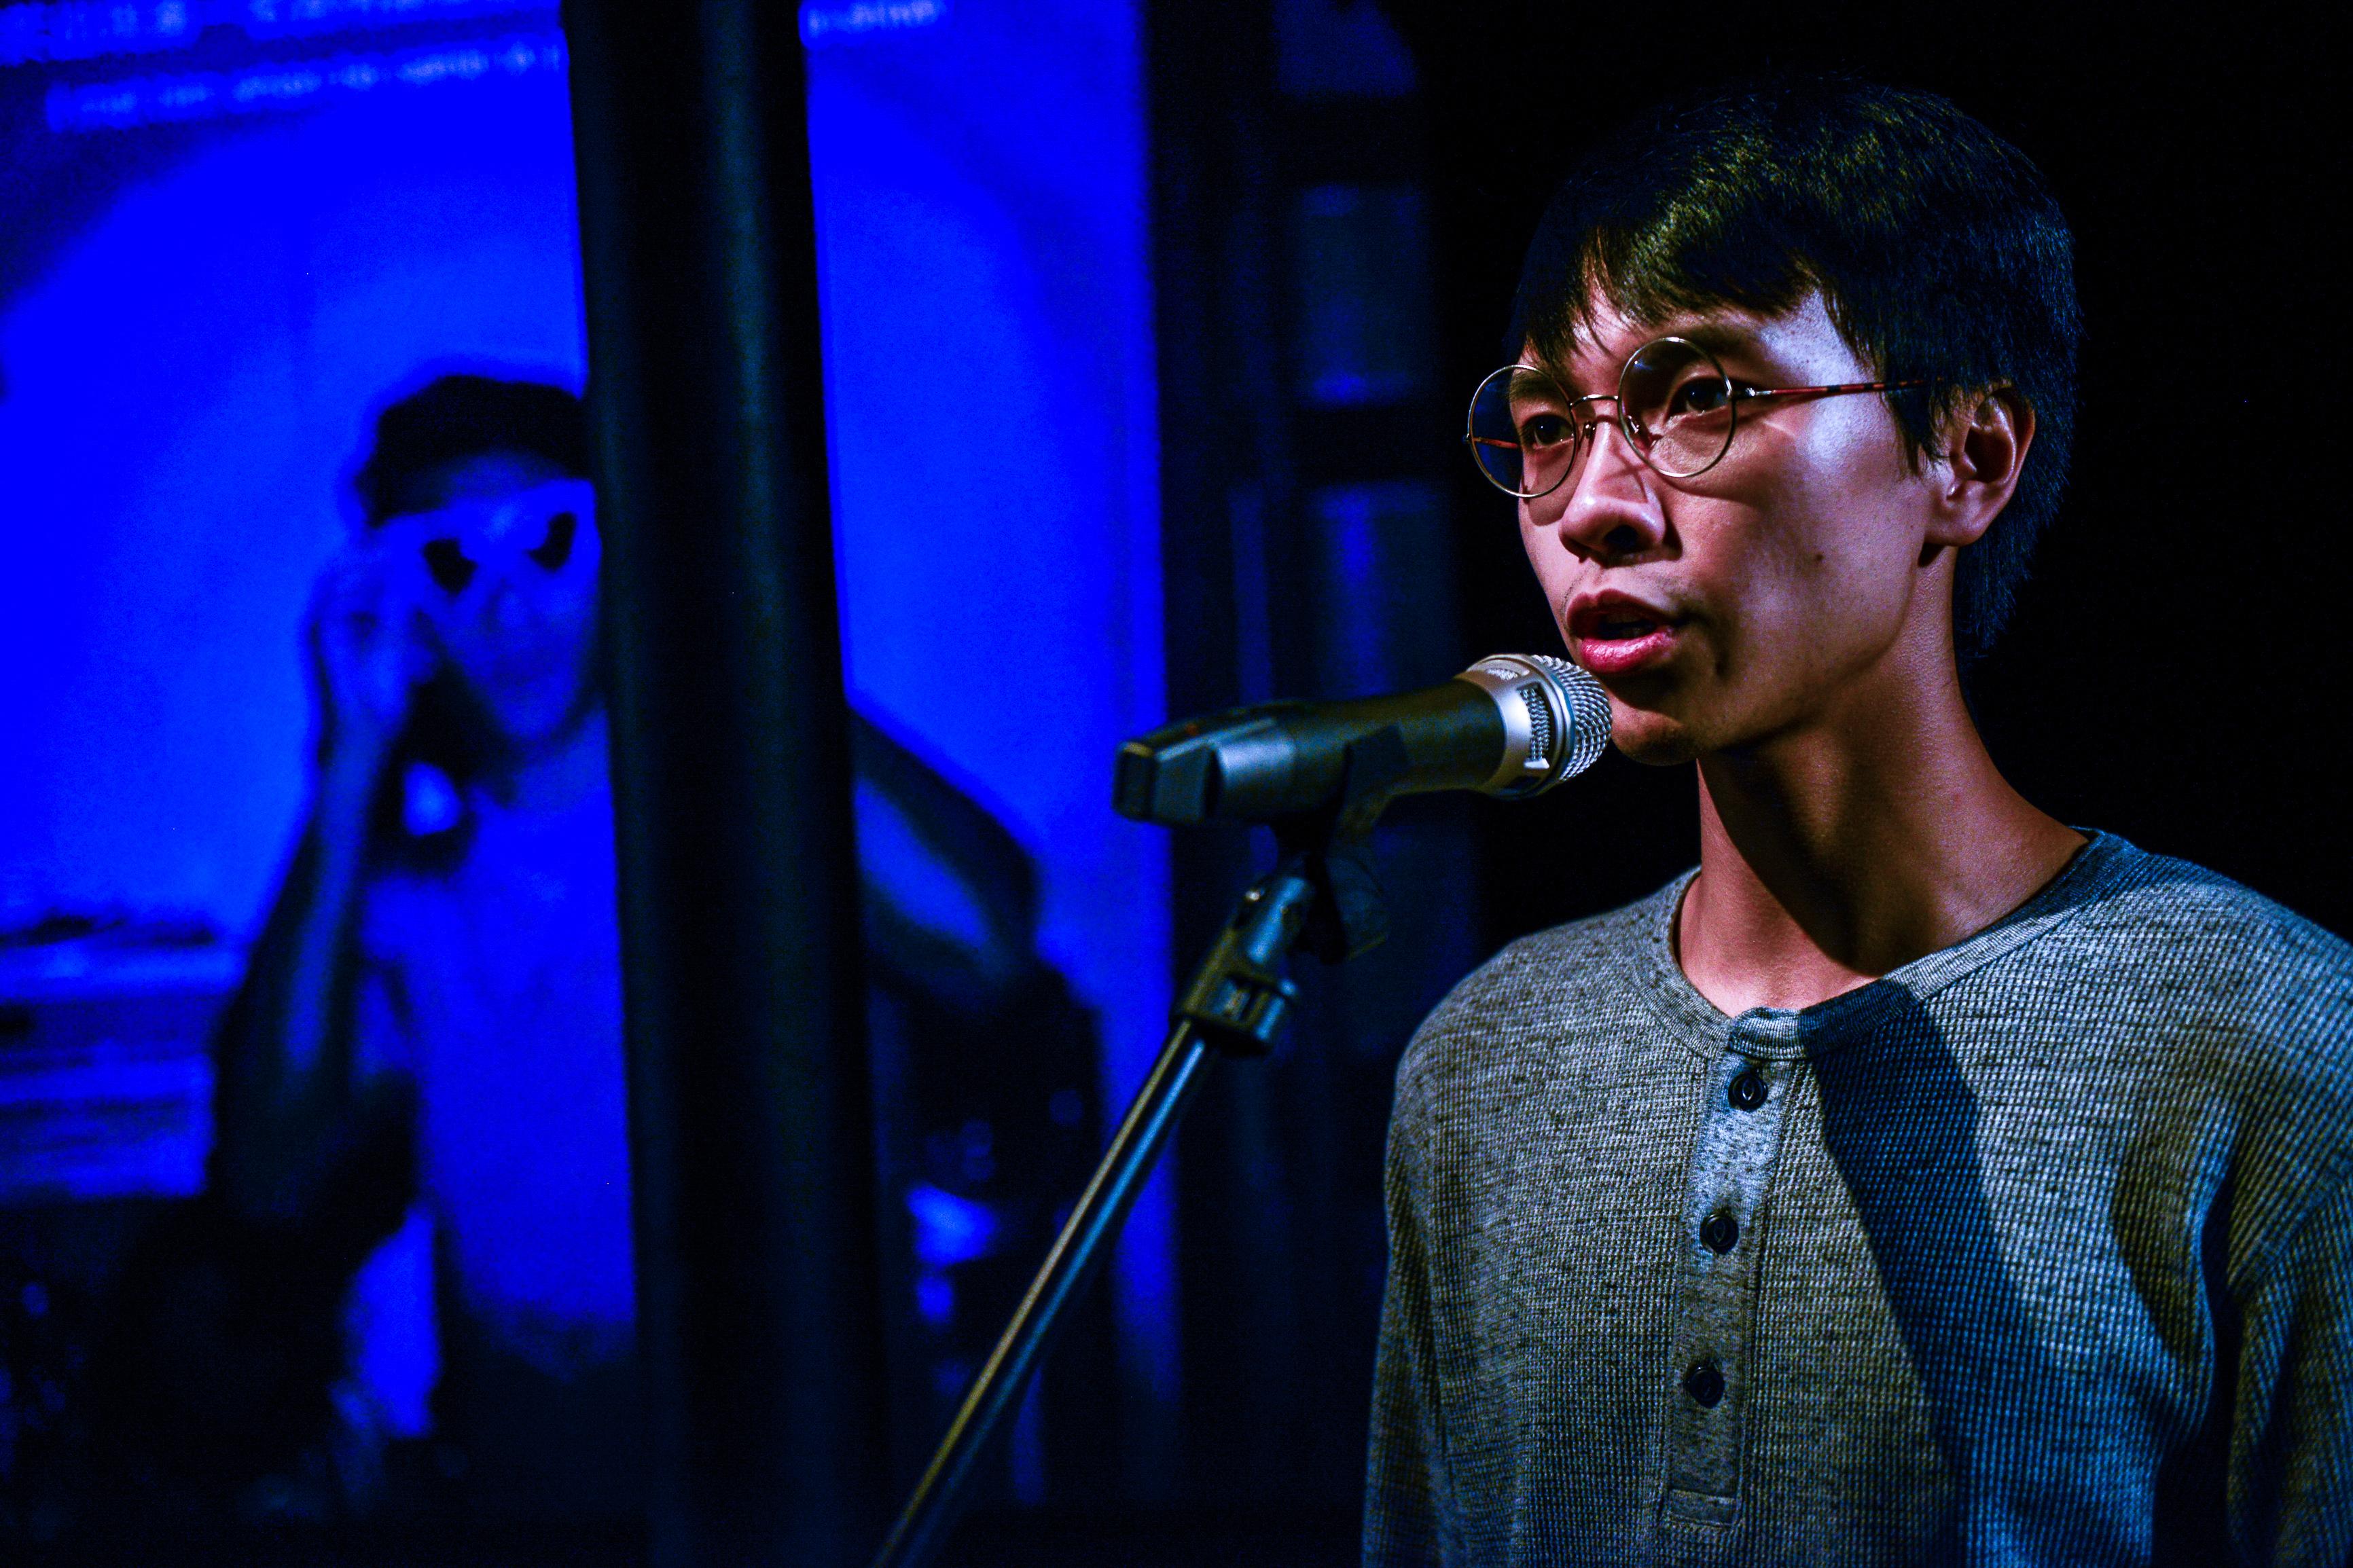 《山下的證詞》/人物:吳景隆/類別:演出、《山下的證詞》/攝影:Fung Wai Sun/(天台製作 • 香港專業劇團)